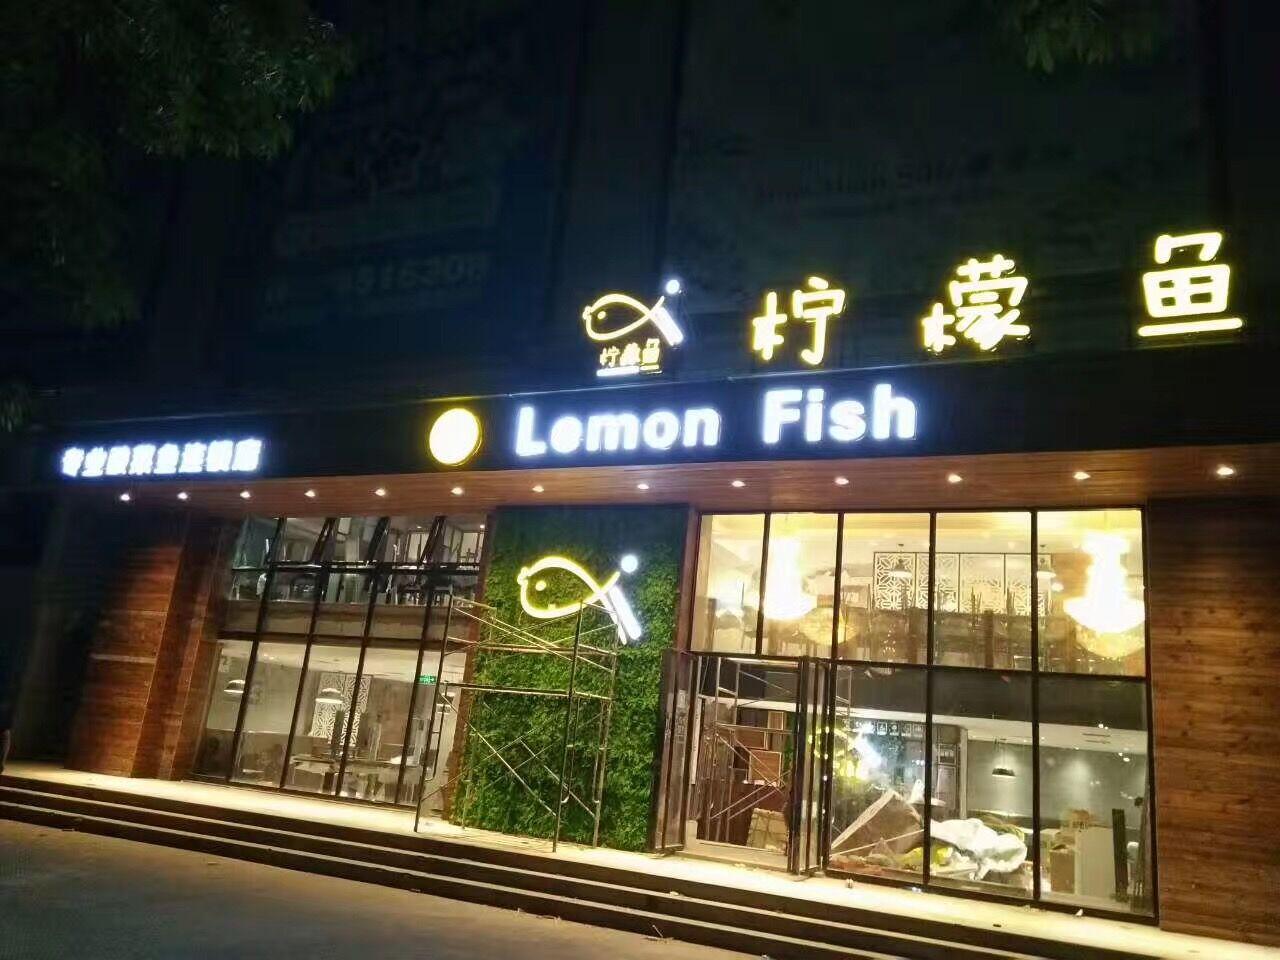 漳州廣告公司 檸檬魚連鎖全國店(漳州、長泰、廈門、同安、泉州等)